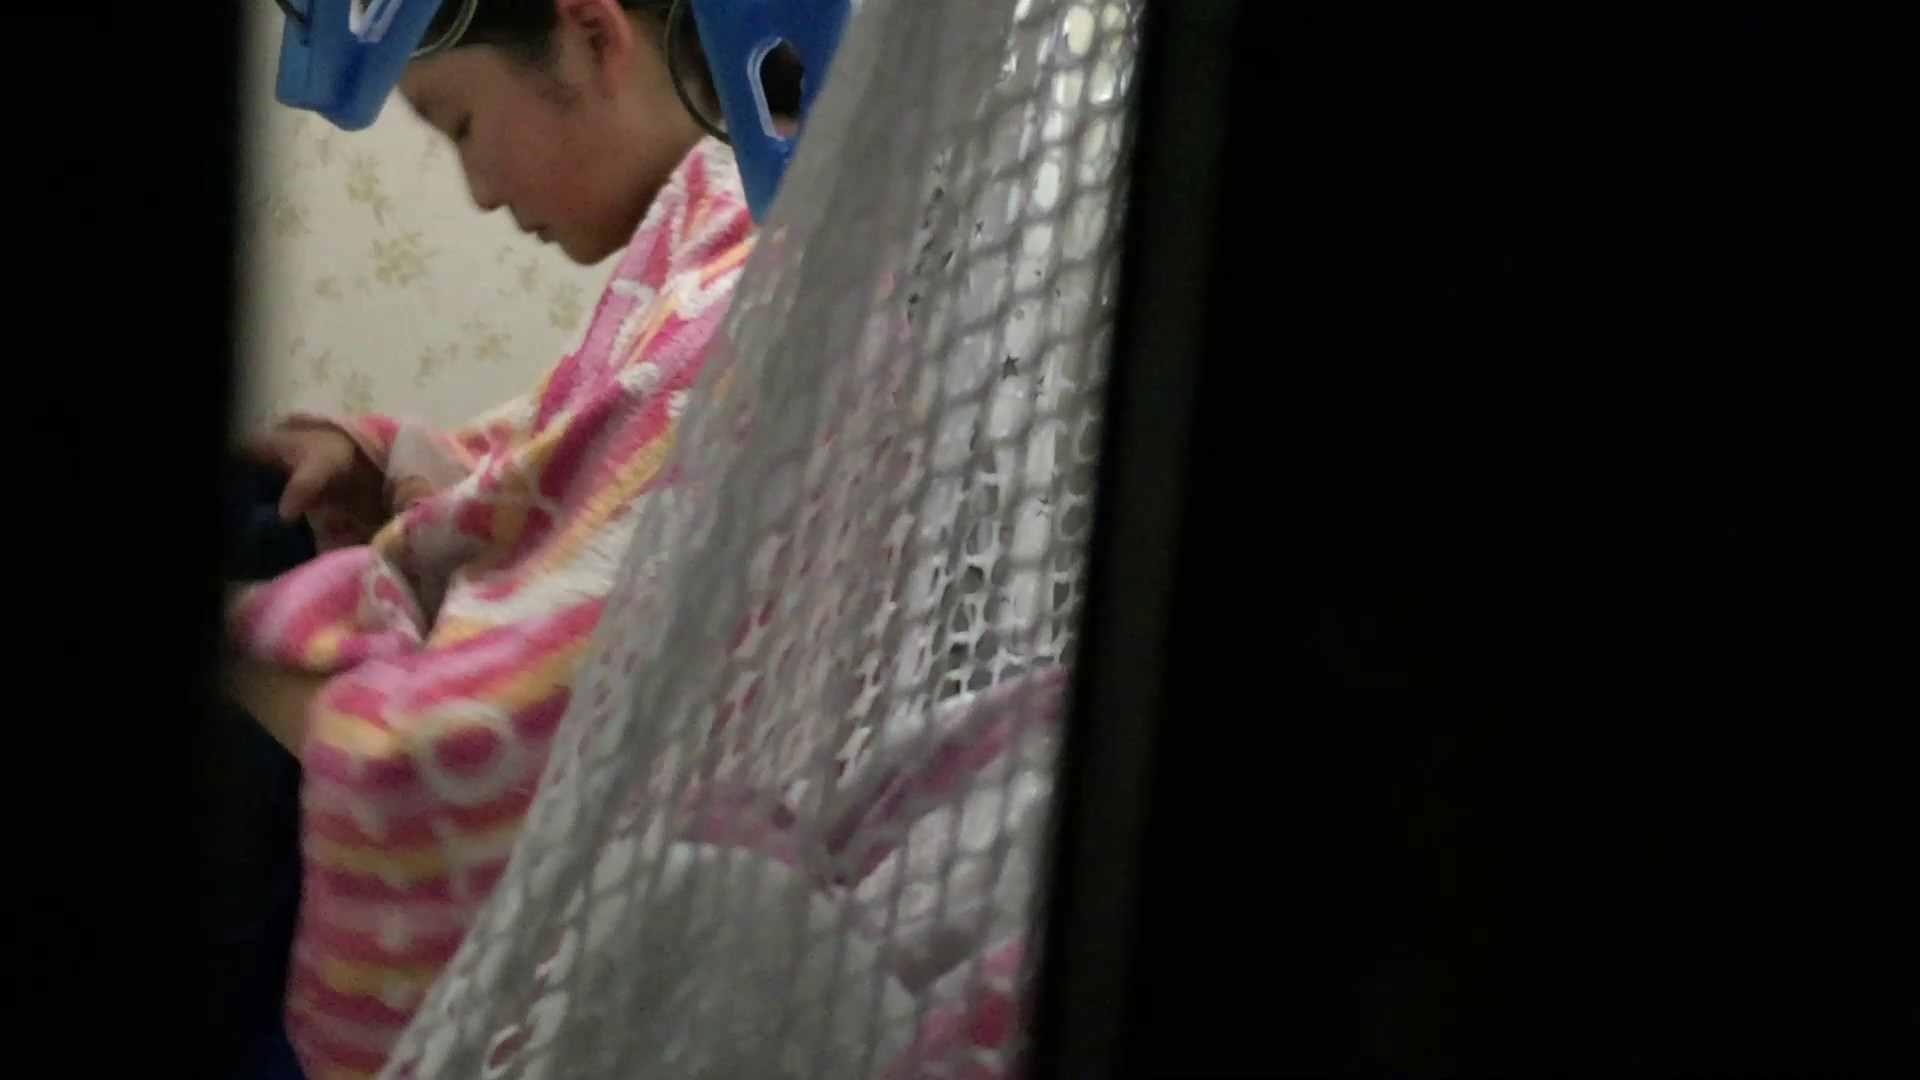 【19位 2016】リアルインパクト盗撮~入浴編 Vol.13 萌える注の入浴 女湯のぞき おまんこ動画流出 106枚 20